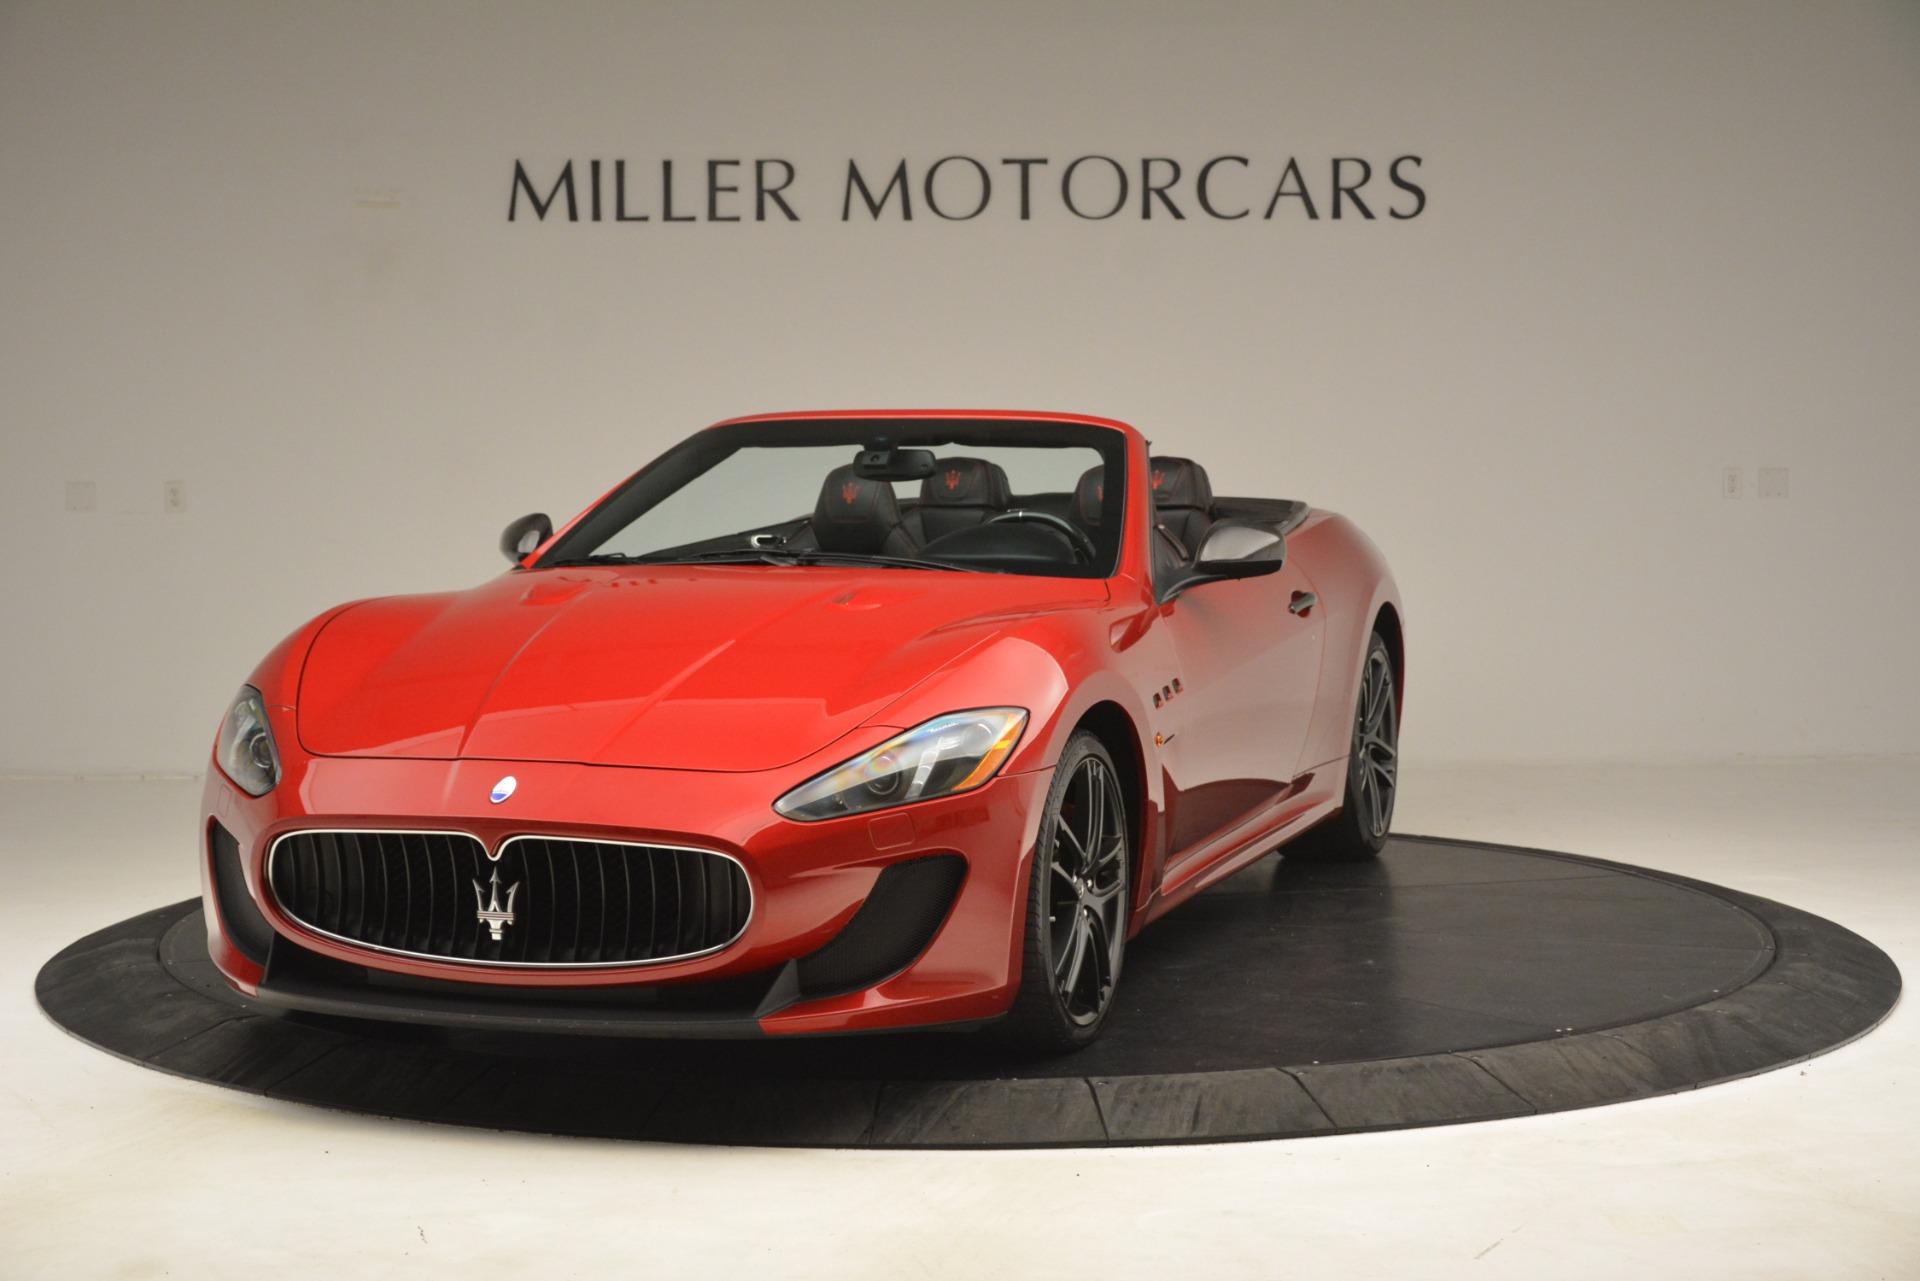 Used 2015 Maserati GranTurismo MC for sale Sold at Bugatti of Greenwich in Greenwich CT 06830 1